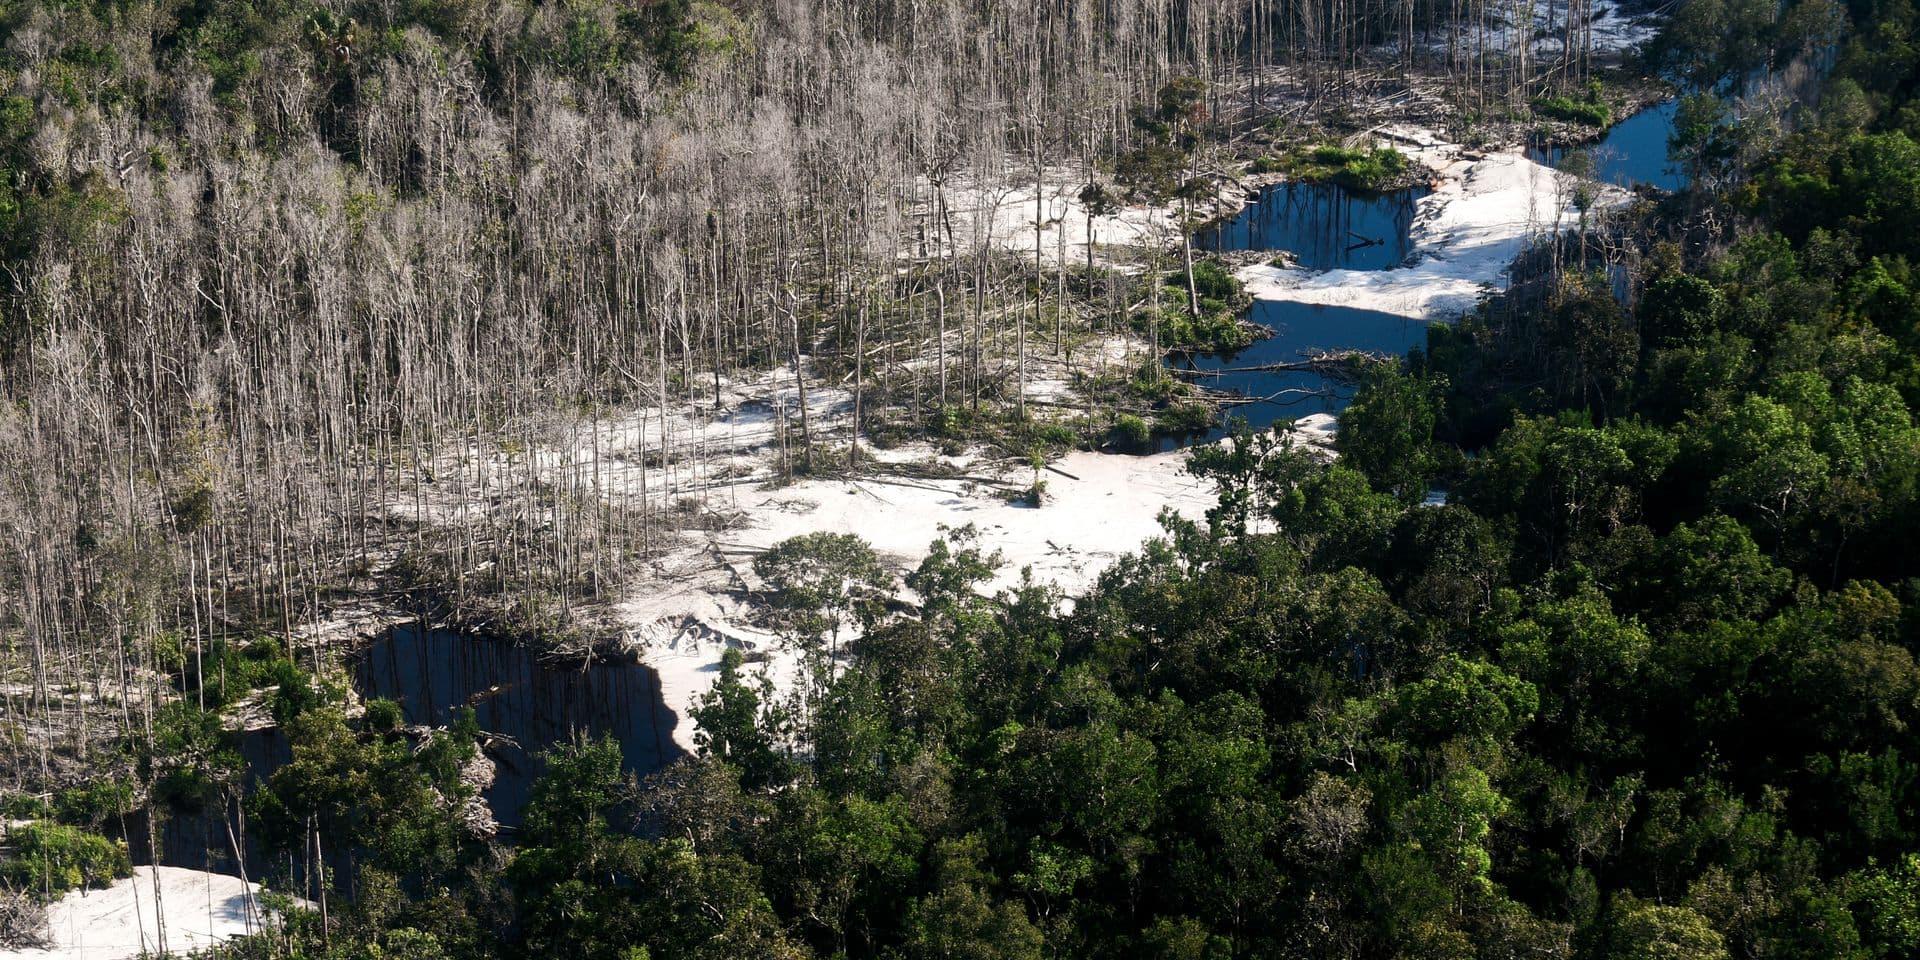 Amazonie: pendant l'épidémie, la déforestation s'accélère